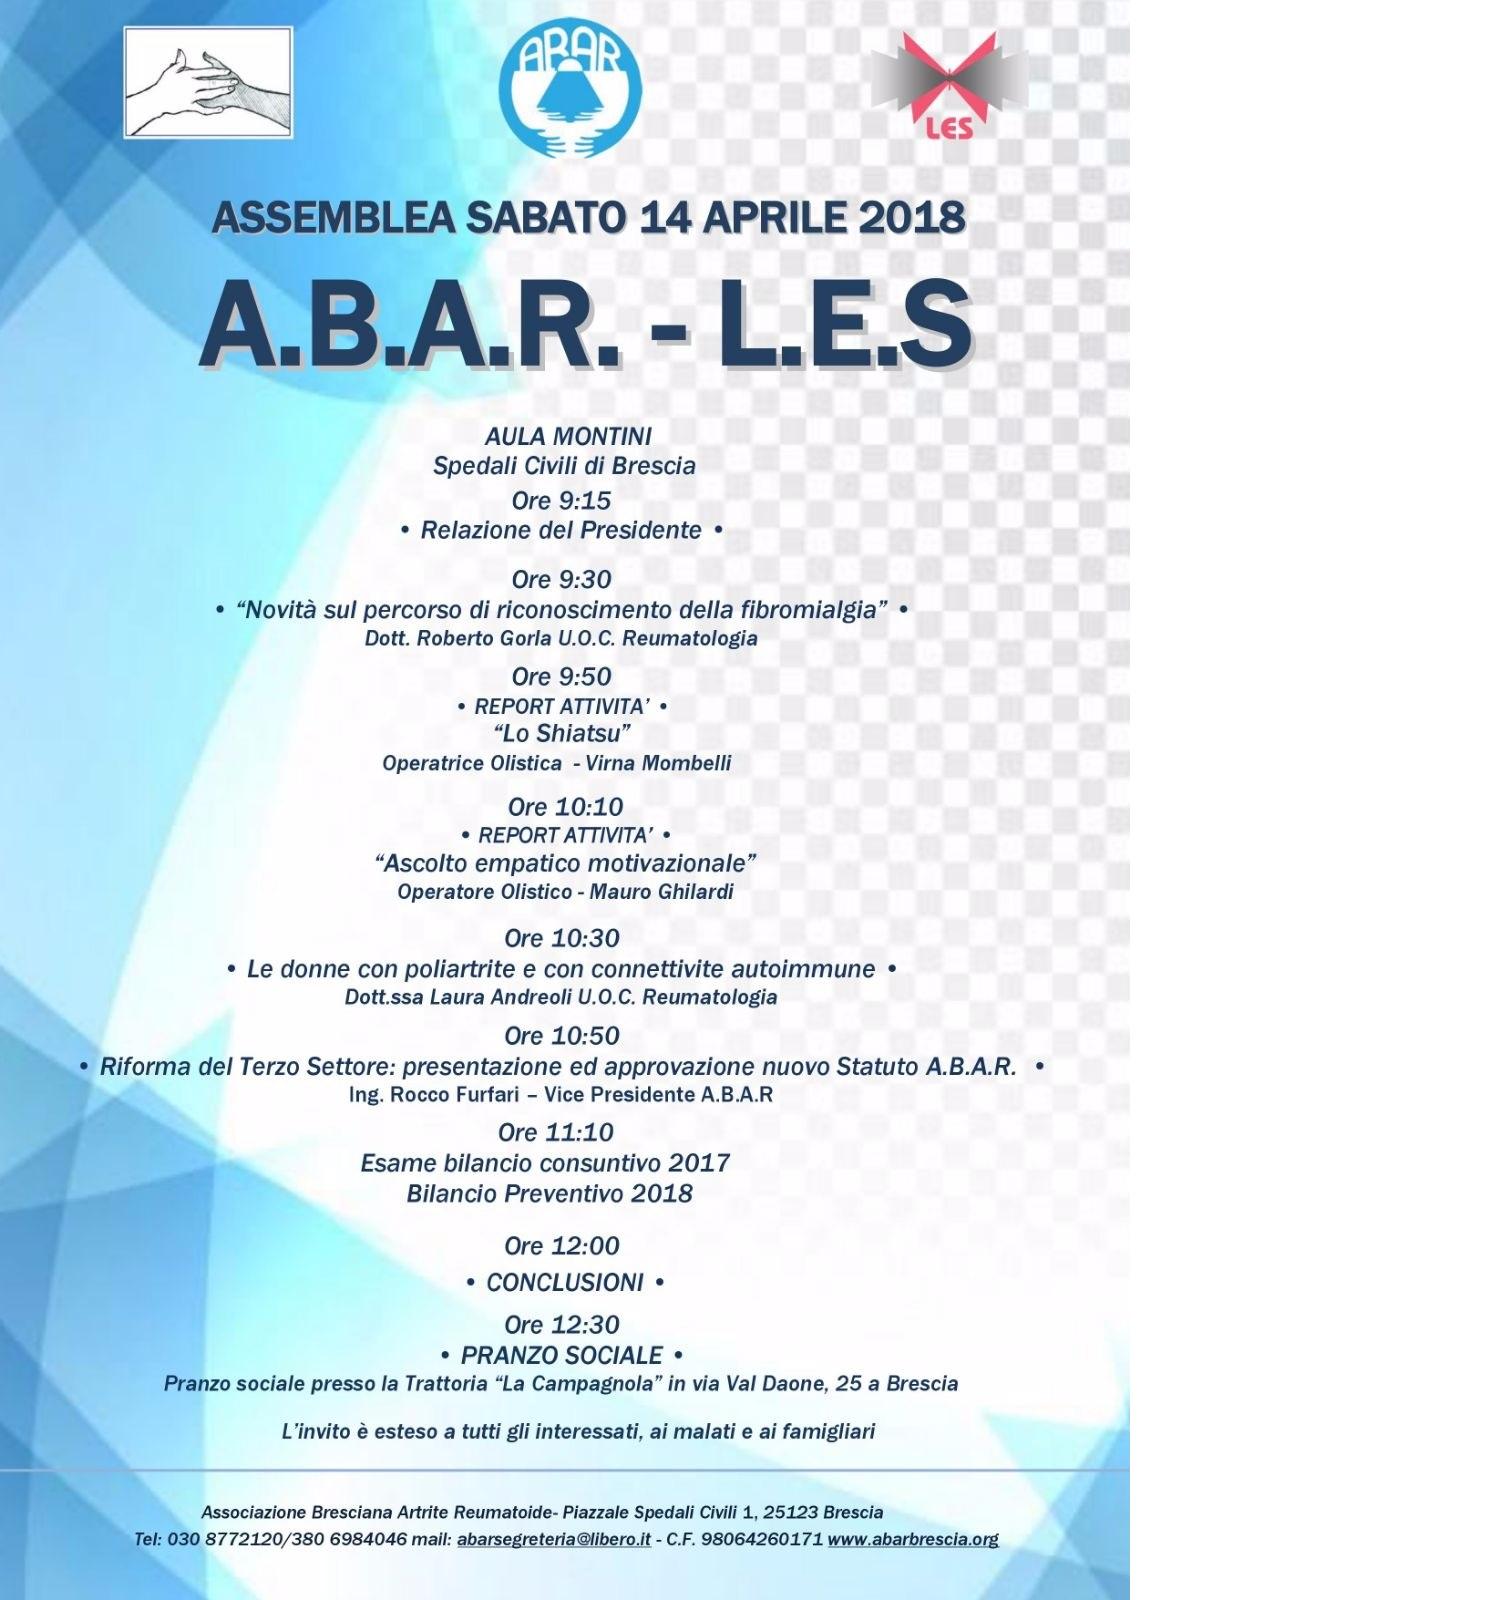 ABAR ASSEMBLEA 2018